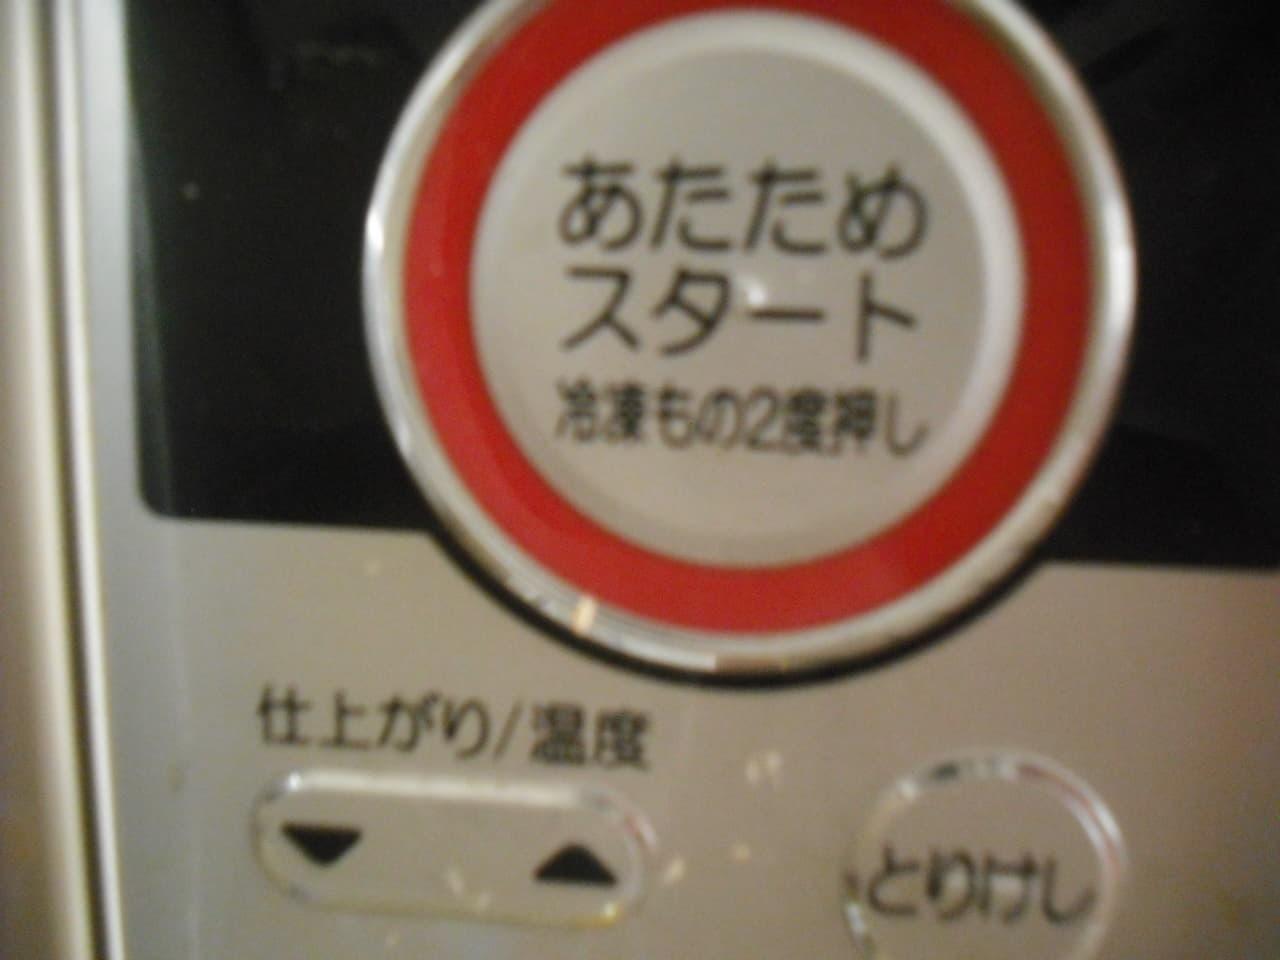 電子レンジのあたためボタン